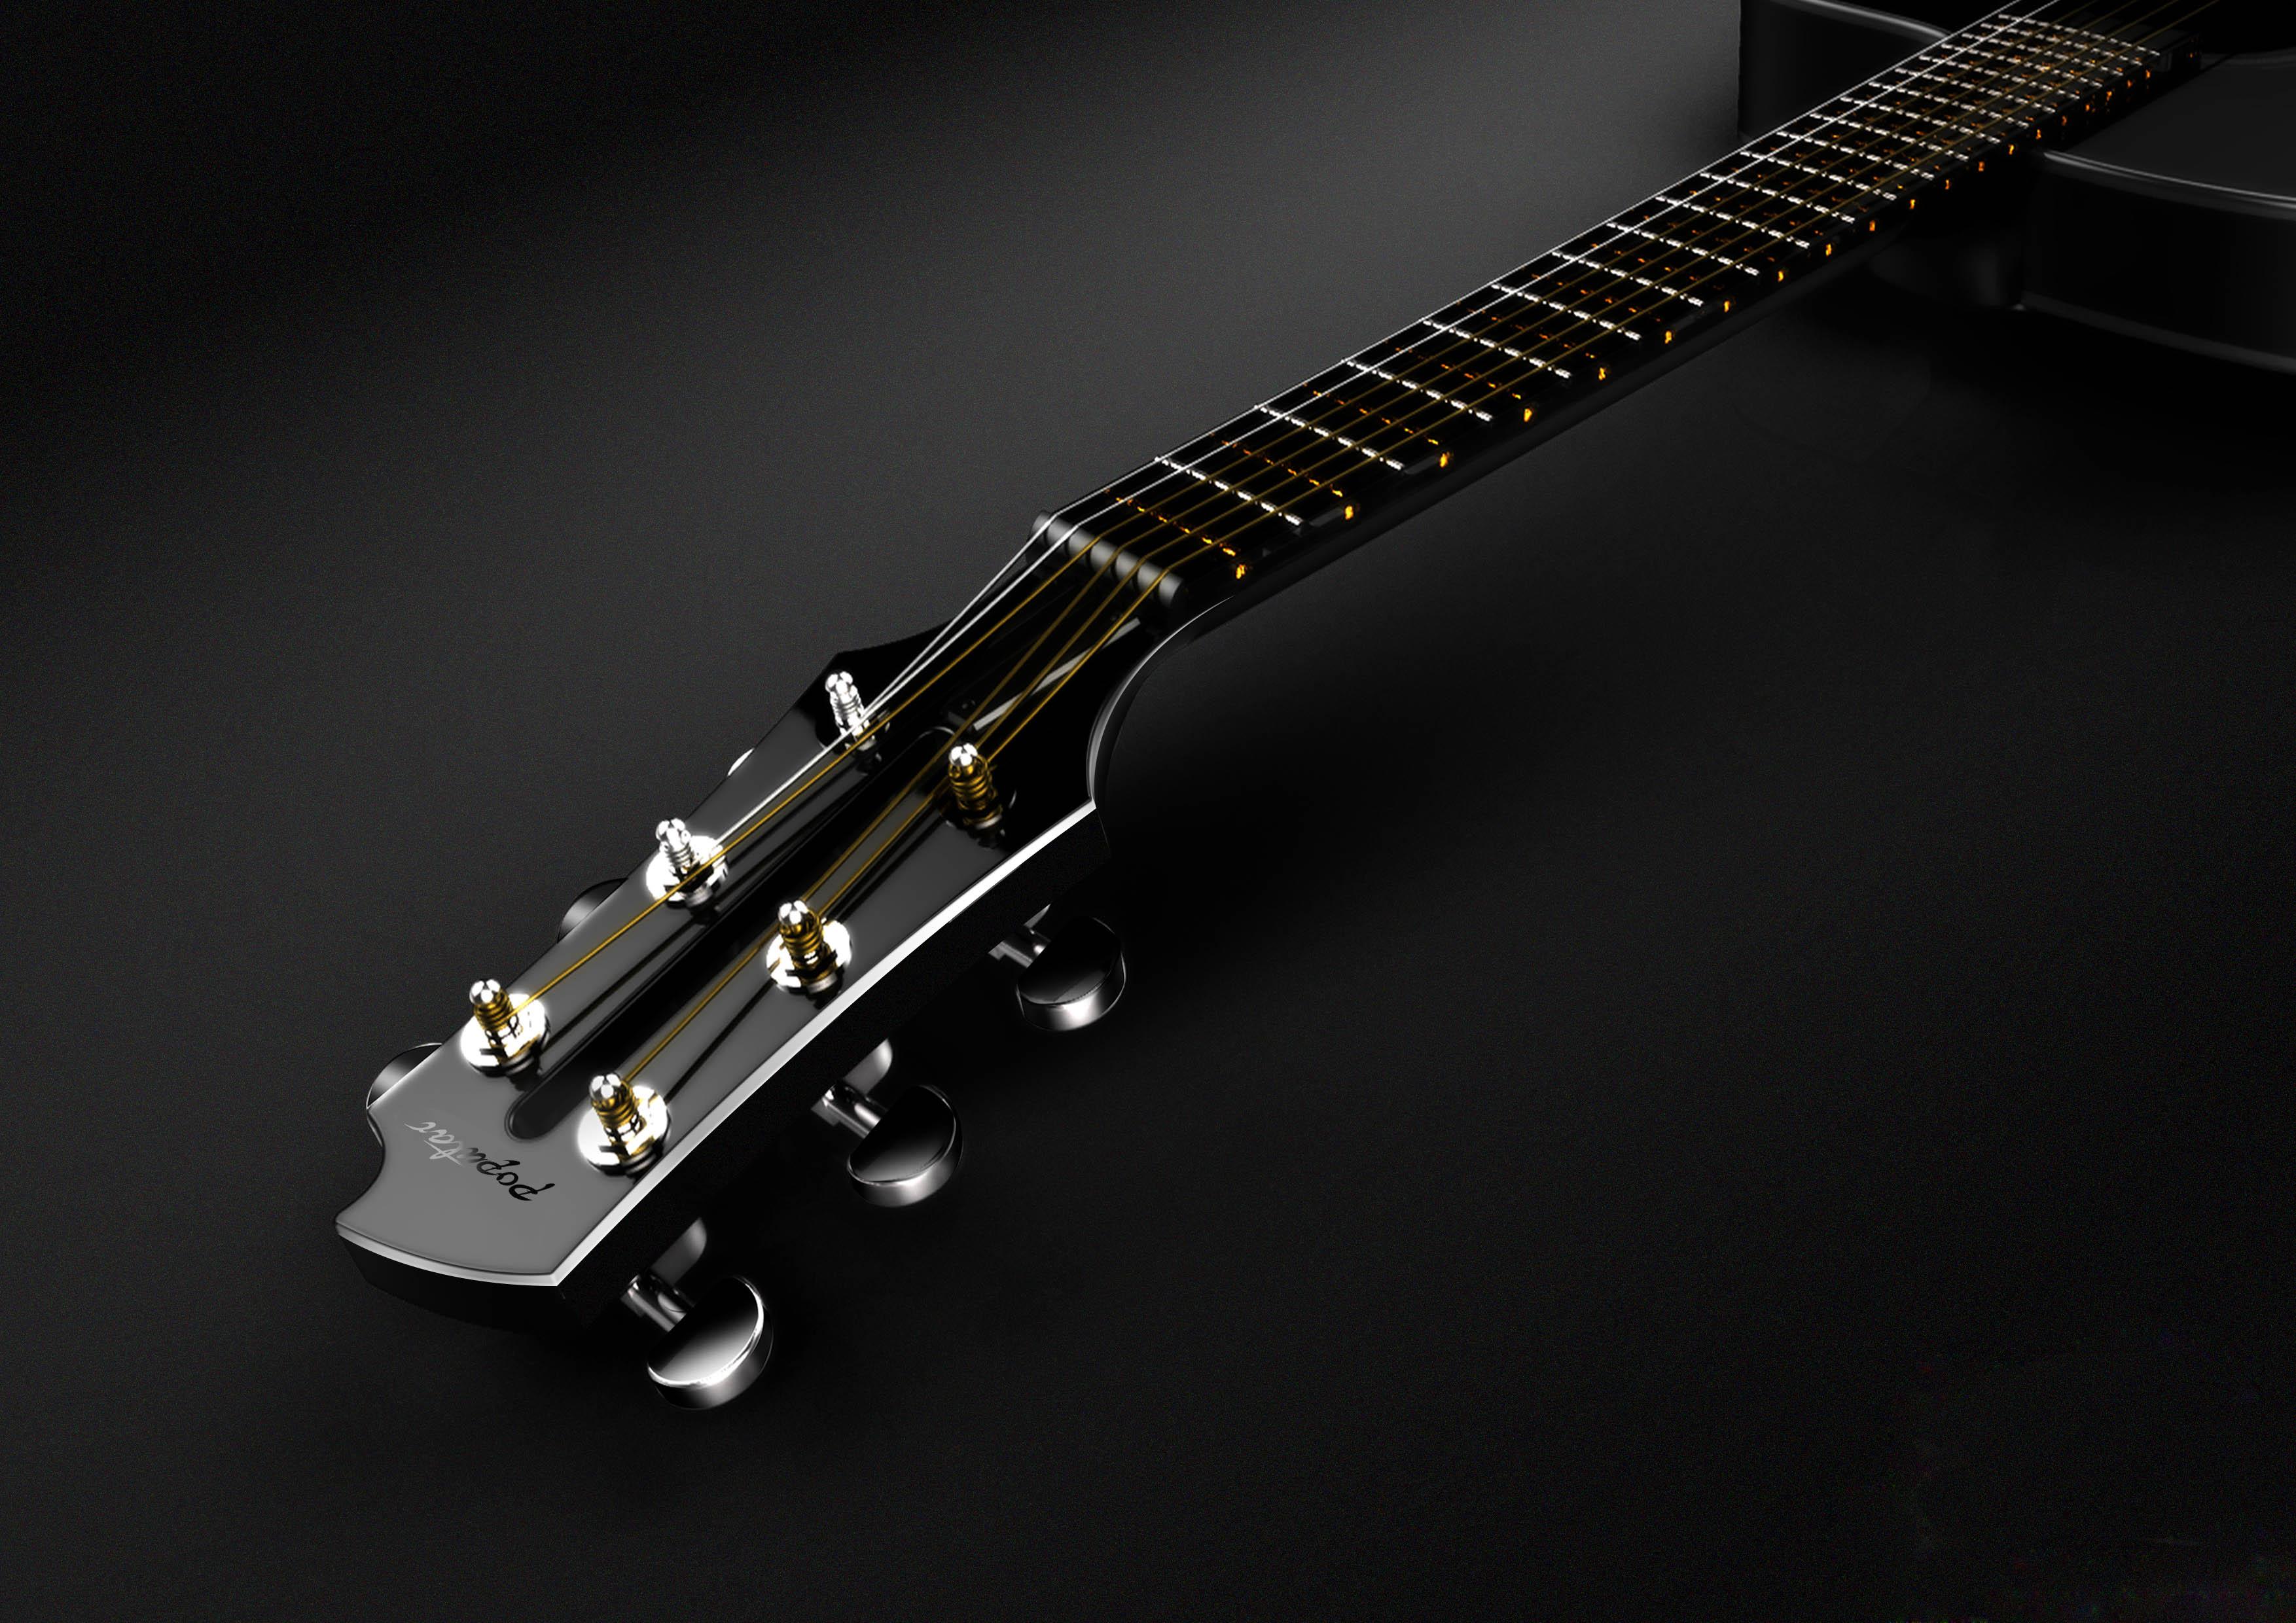 ar智能吉他,乐器中的特斯拉